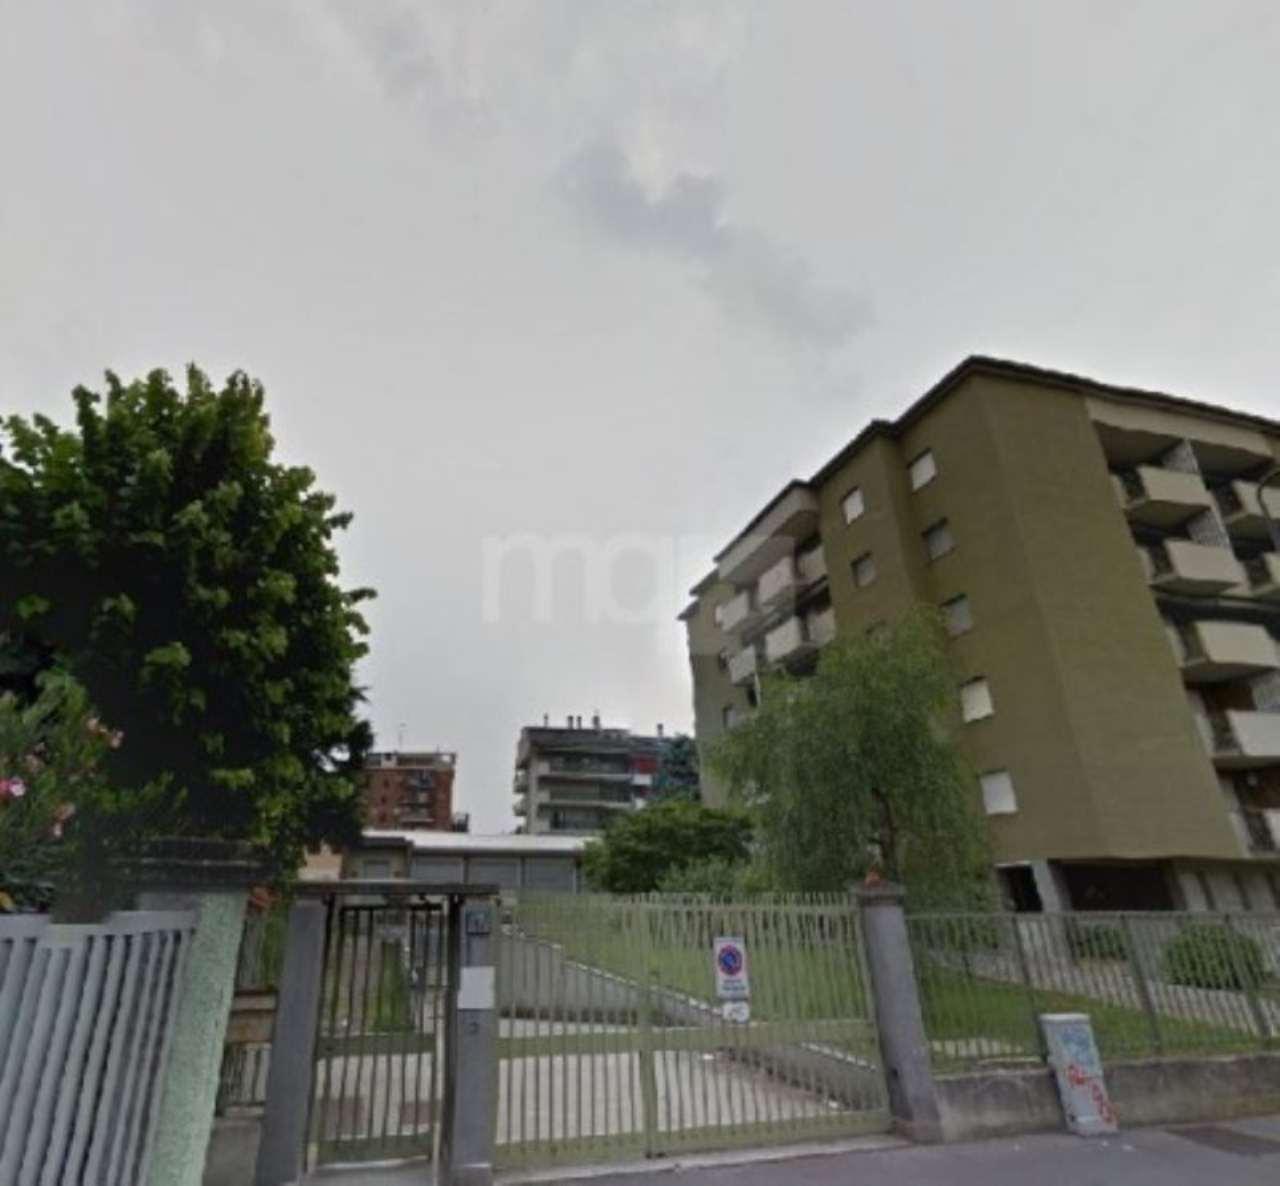 Laboratorio in vendita a Milano, 1 locali, zona Zona: 3 . Bicocca, Greco, Monza, Palmanova, Padova, prezzo € 450.000 | Cambio Casa.it